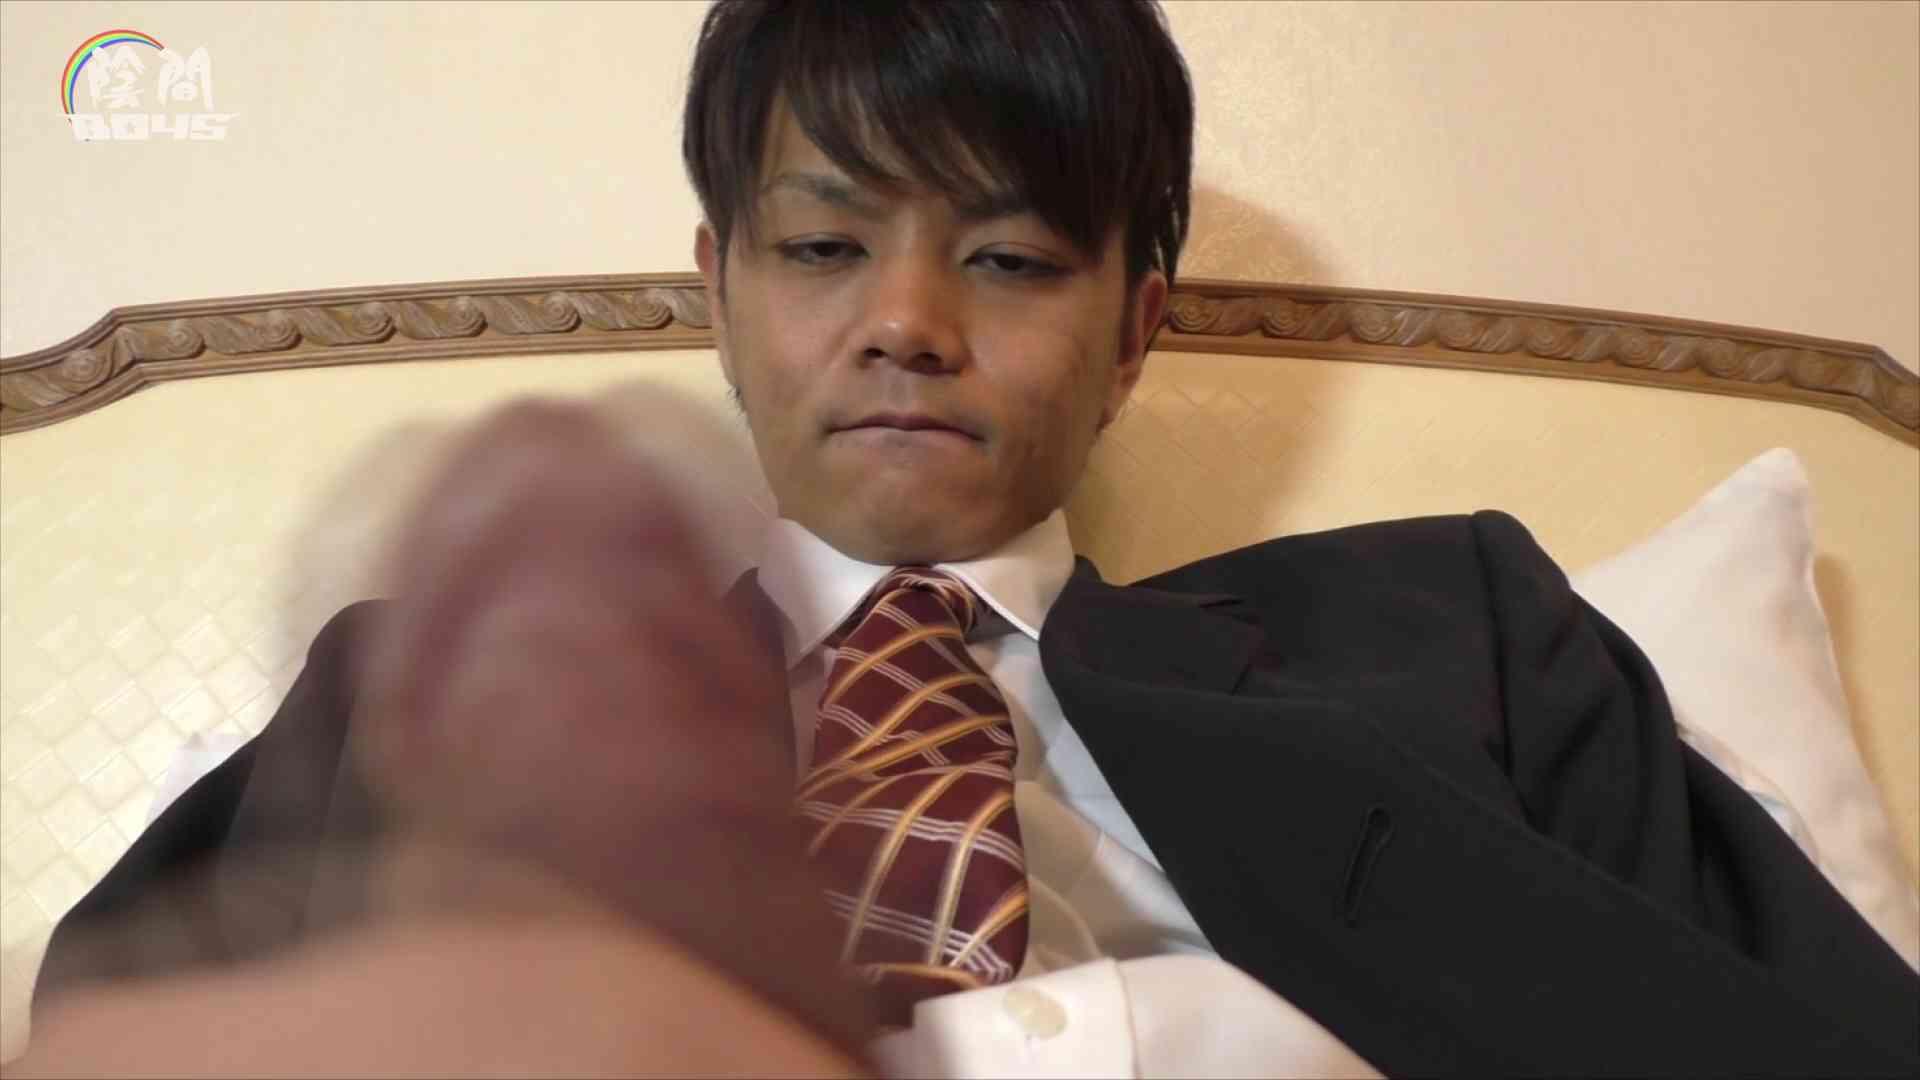 陰間BOYS~キャバクラの仕事はアナルから4 Vol.01 アナル ゲイザーメン画像 82枚 21